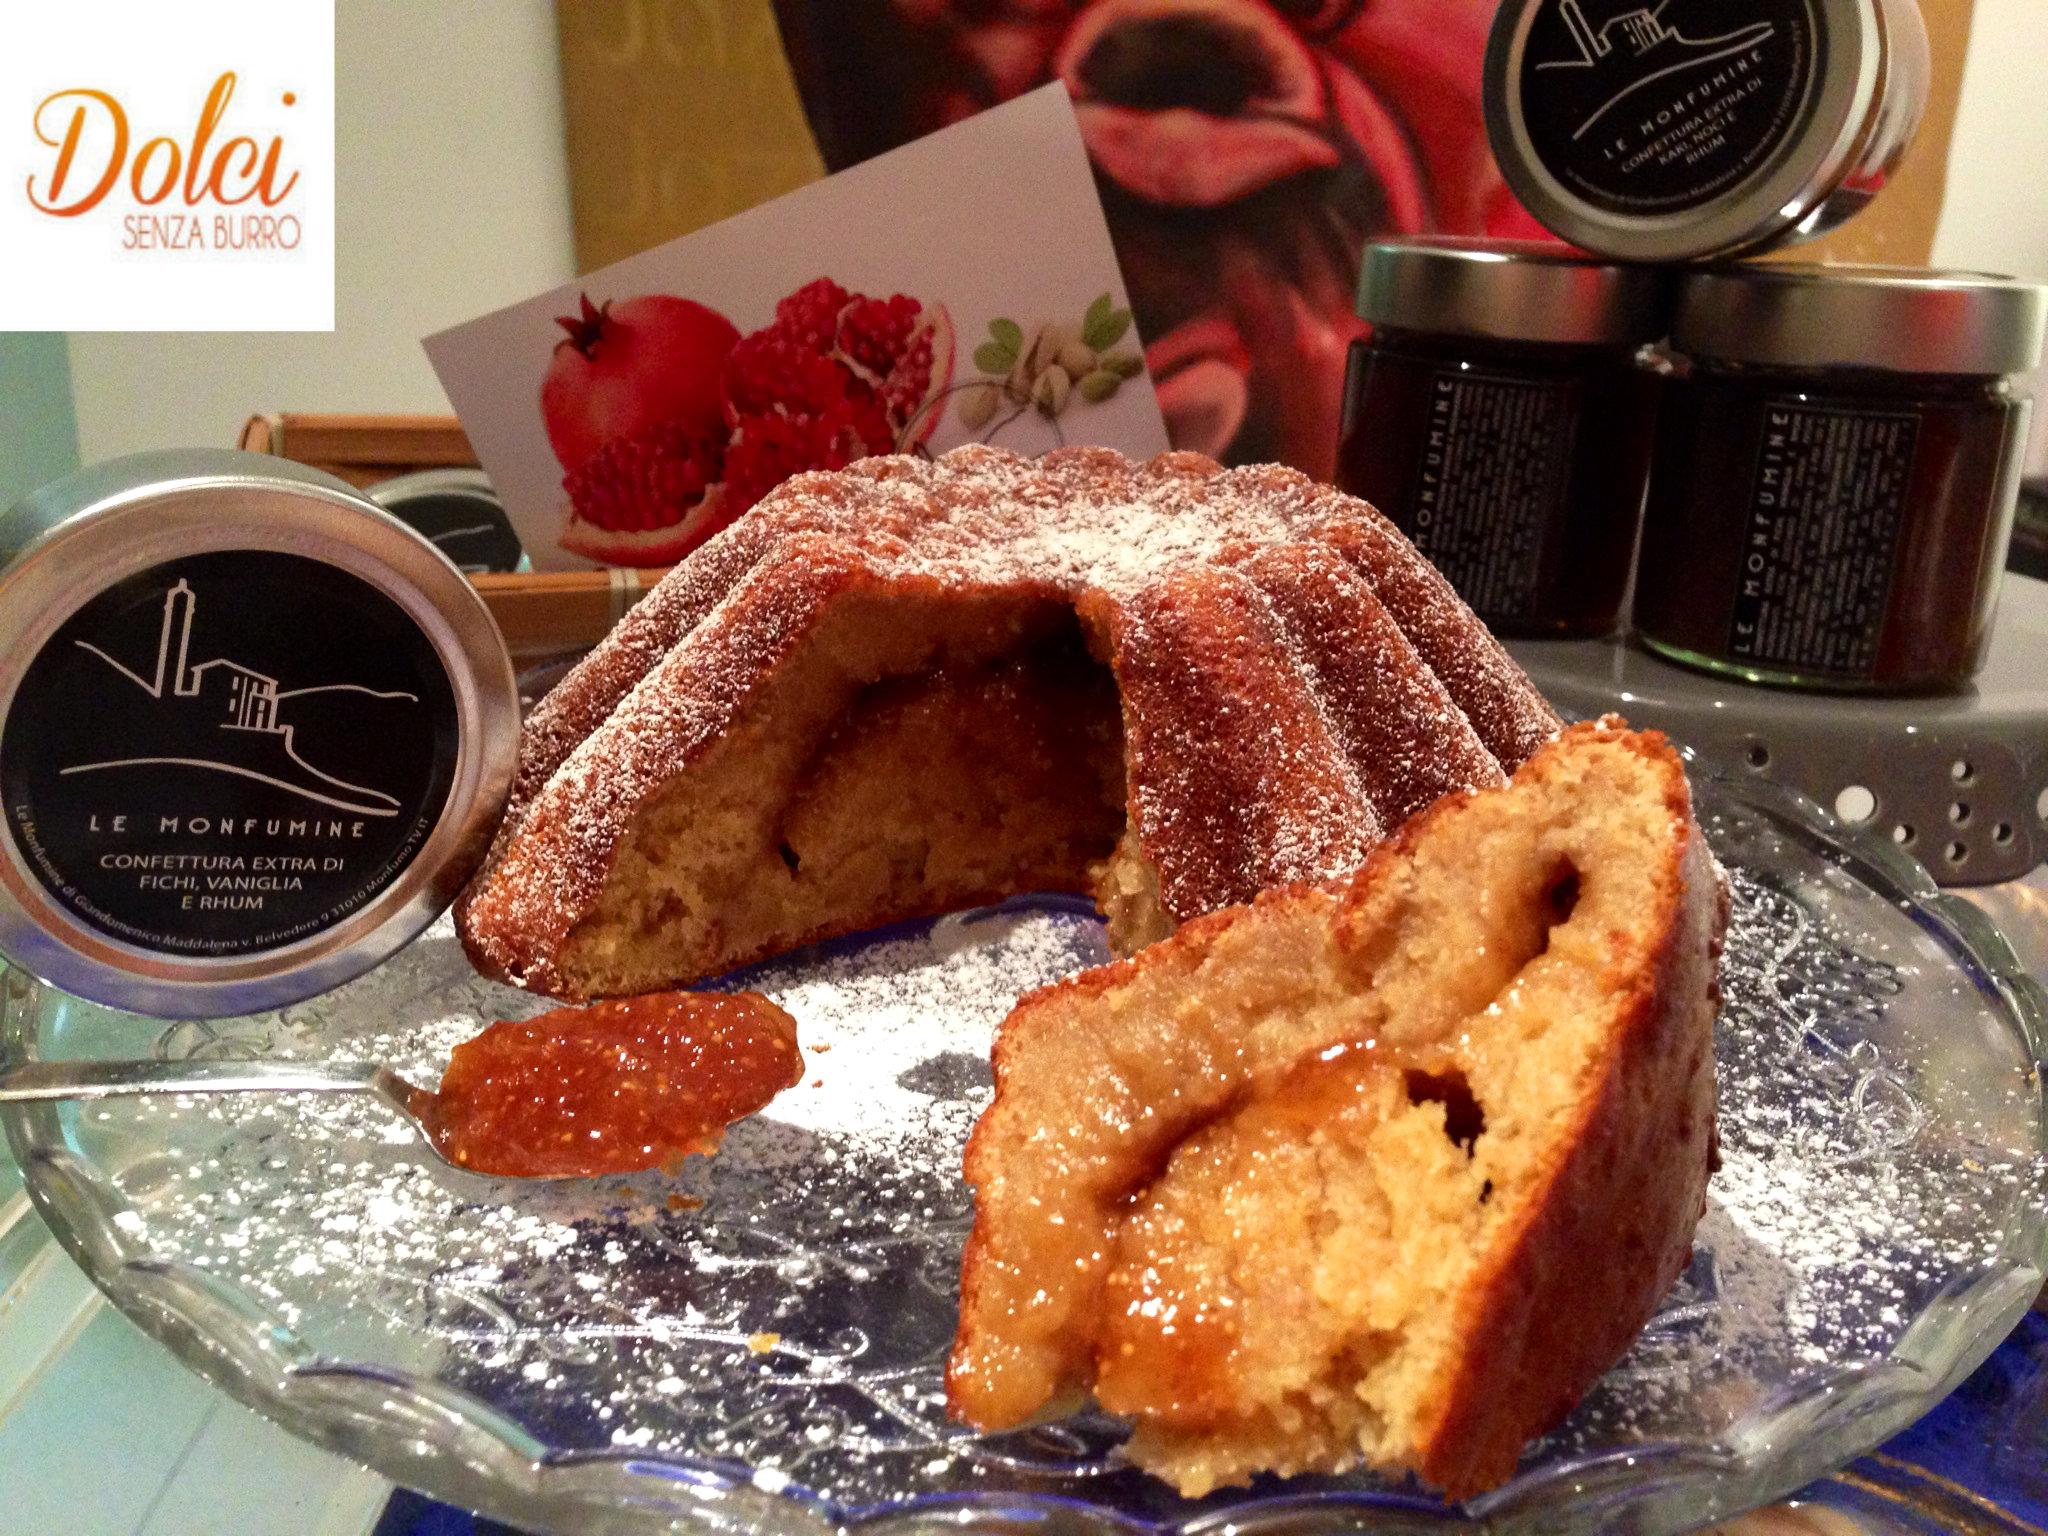 La Torta di Grano Saraceno Senza Burro, una torta senza glutine e lattosio farcita con marmellata di dolci senza burro